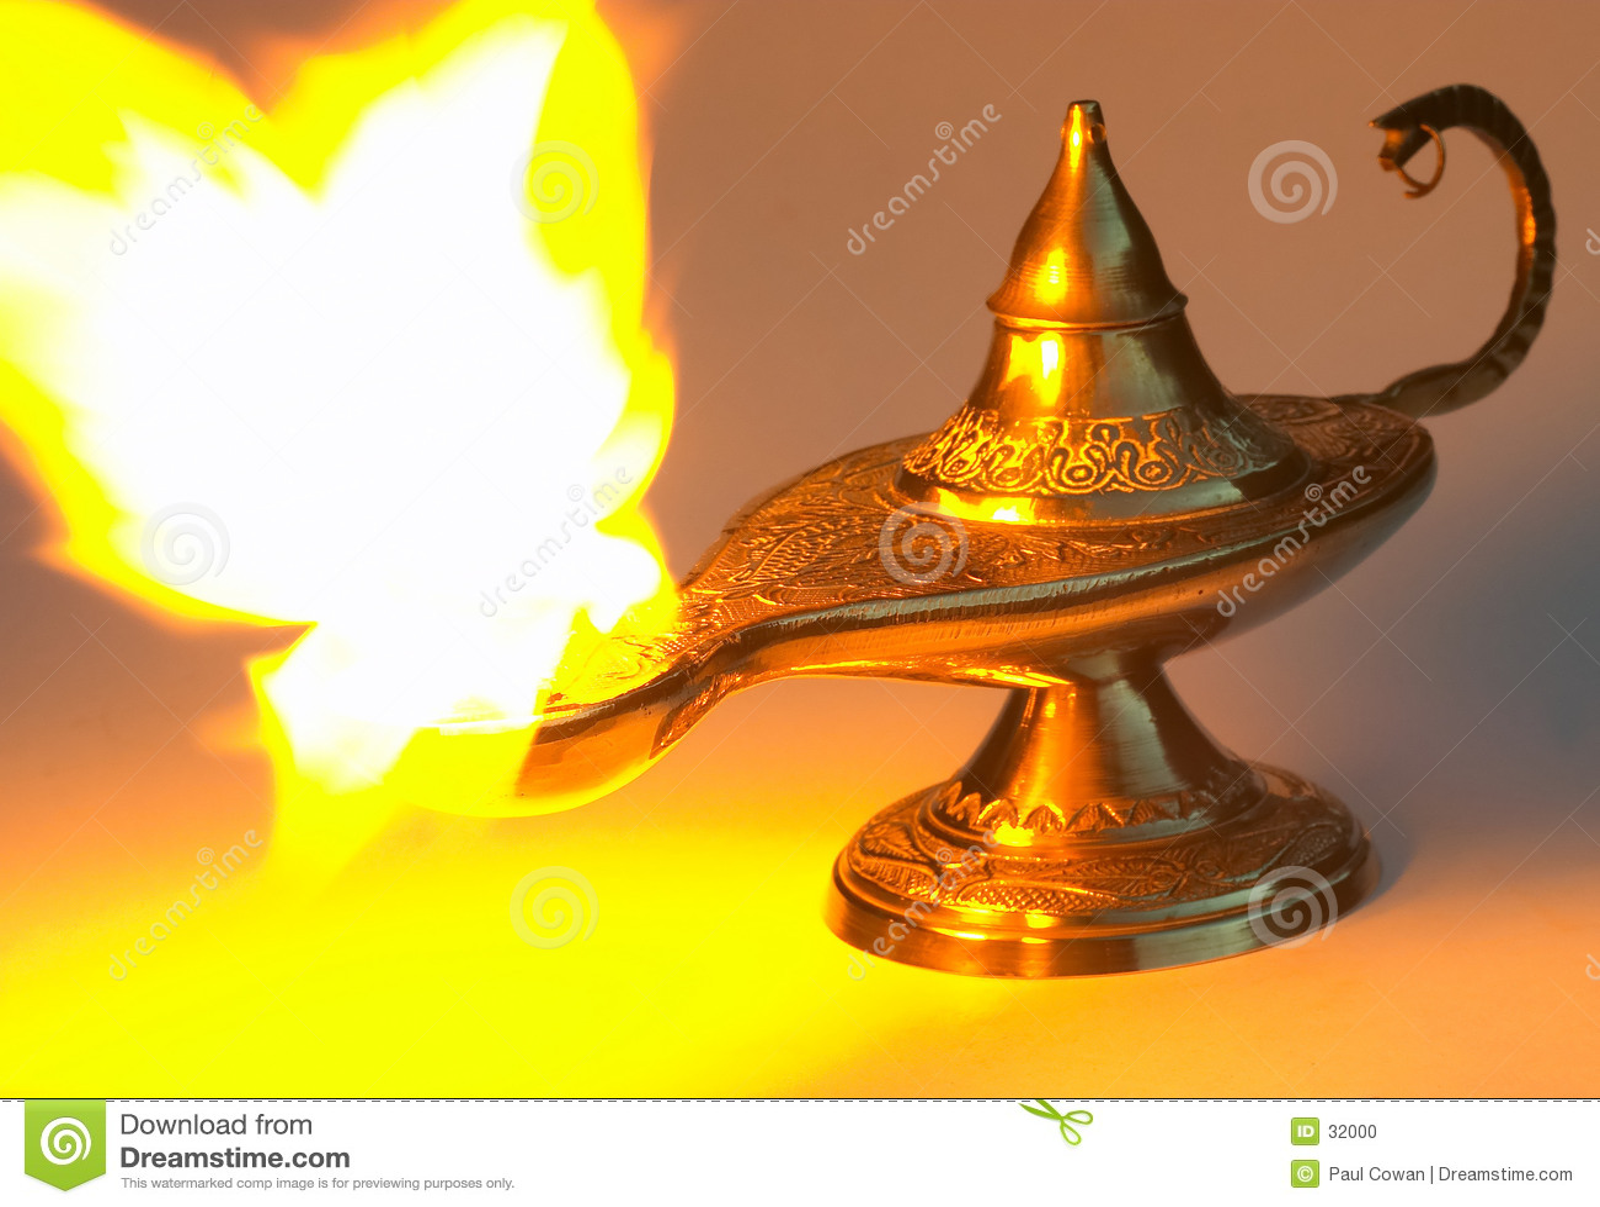 Download La Lámpara De Aladdin - Amarillee La Versión Foto de archivo - Imagen de bahrein, aventura: 32000